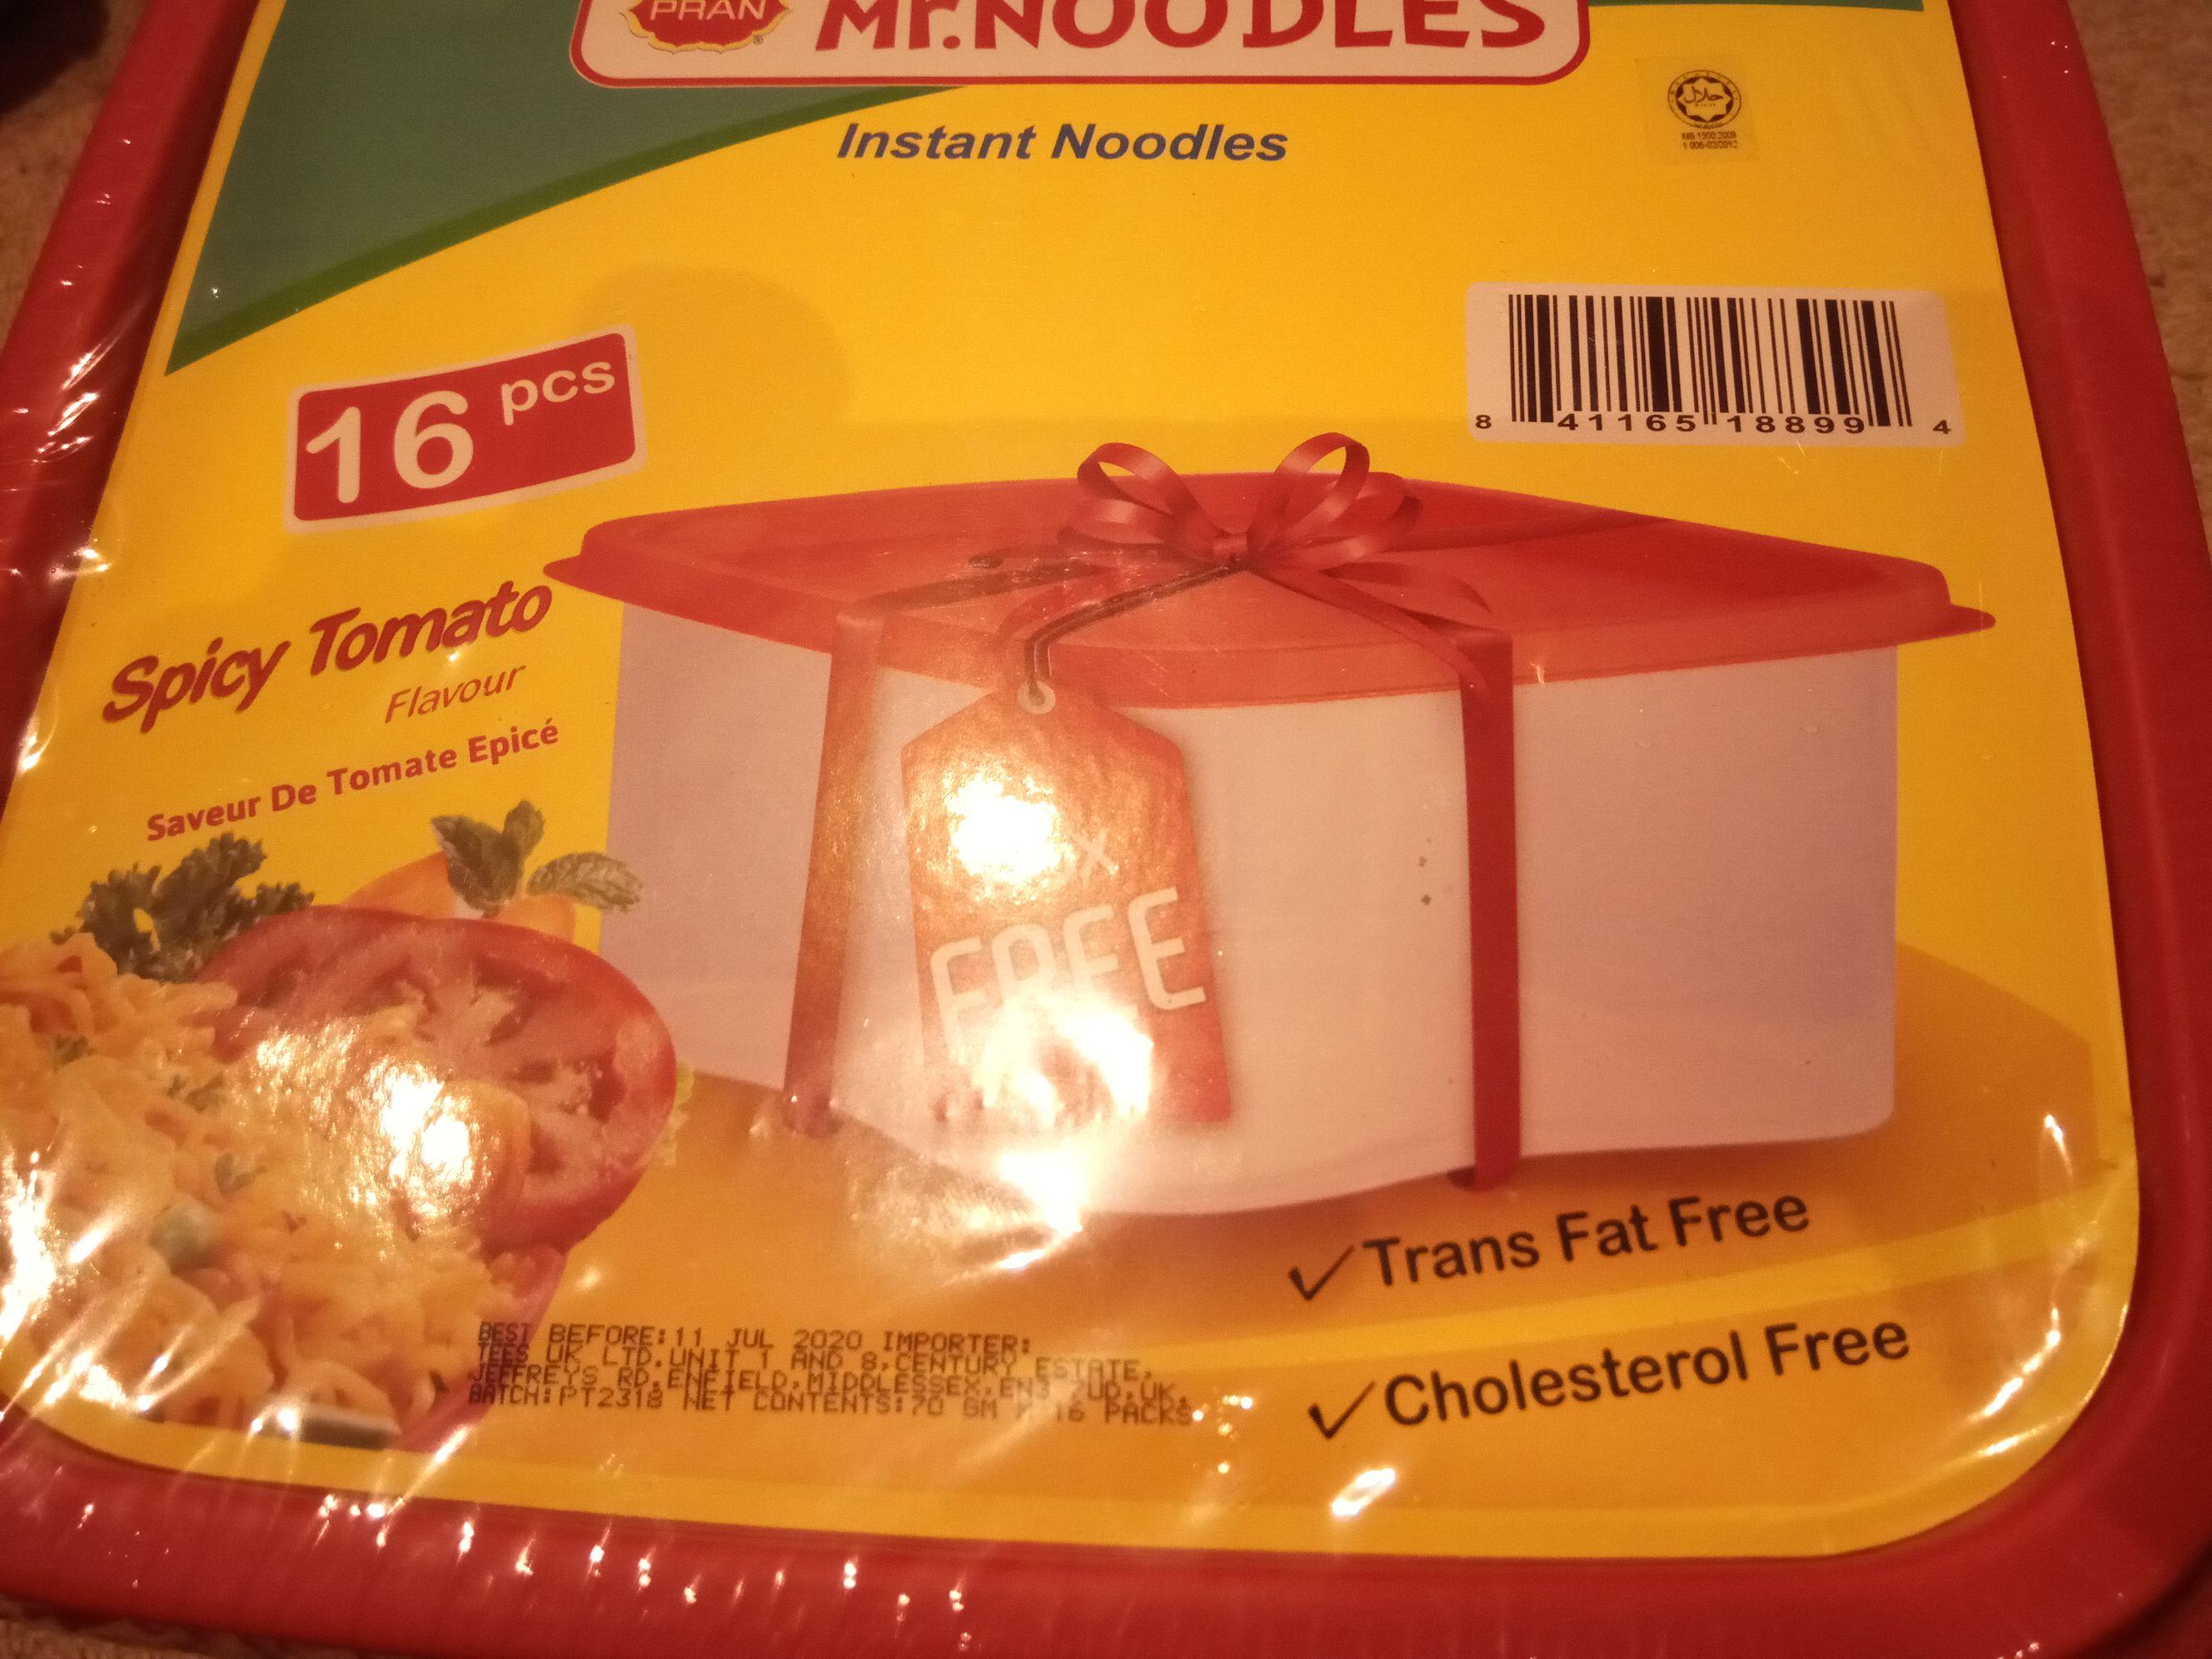 Pran Mr. Noodles Spicy Tomato 70g 16pk inc. Free Box £2.99 @ Poundstretcher